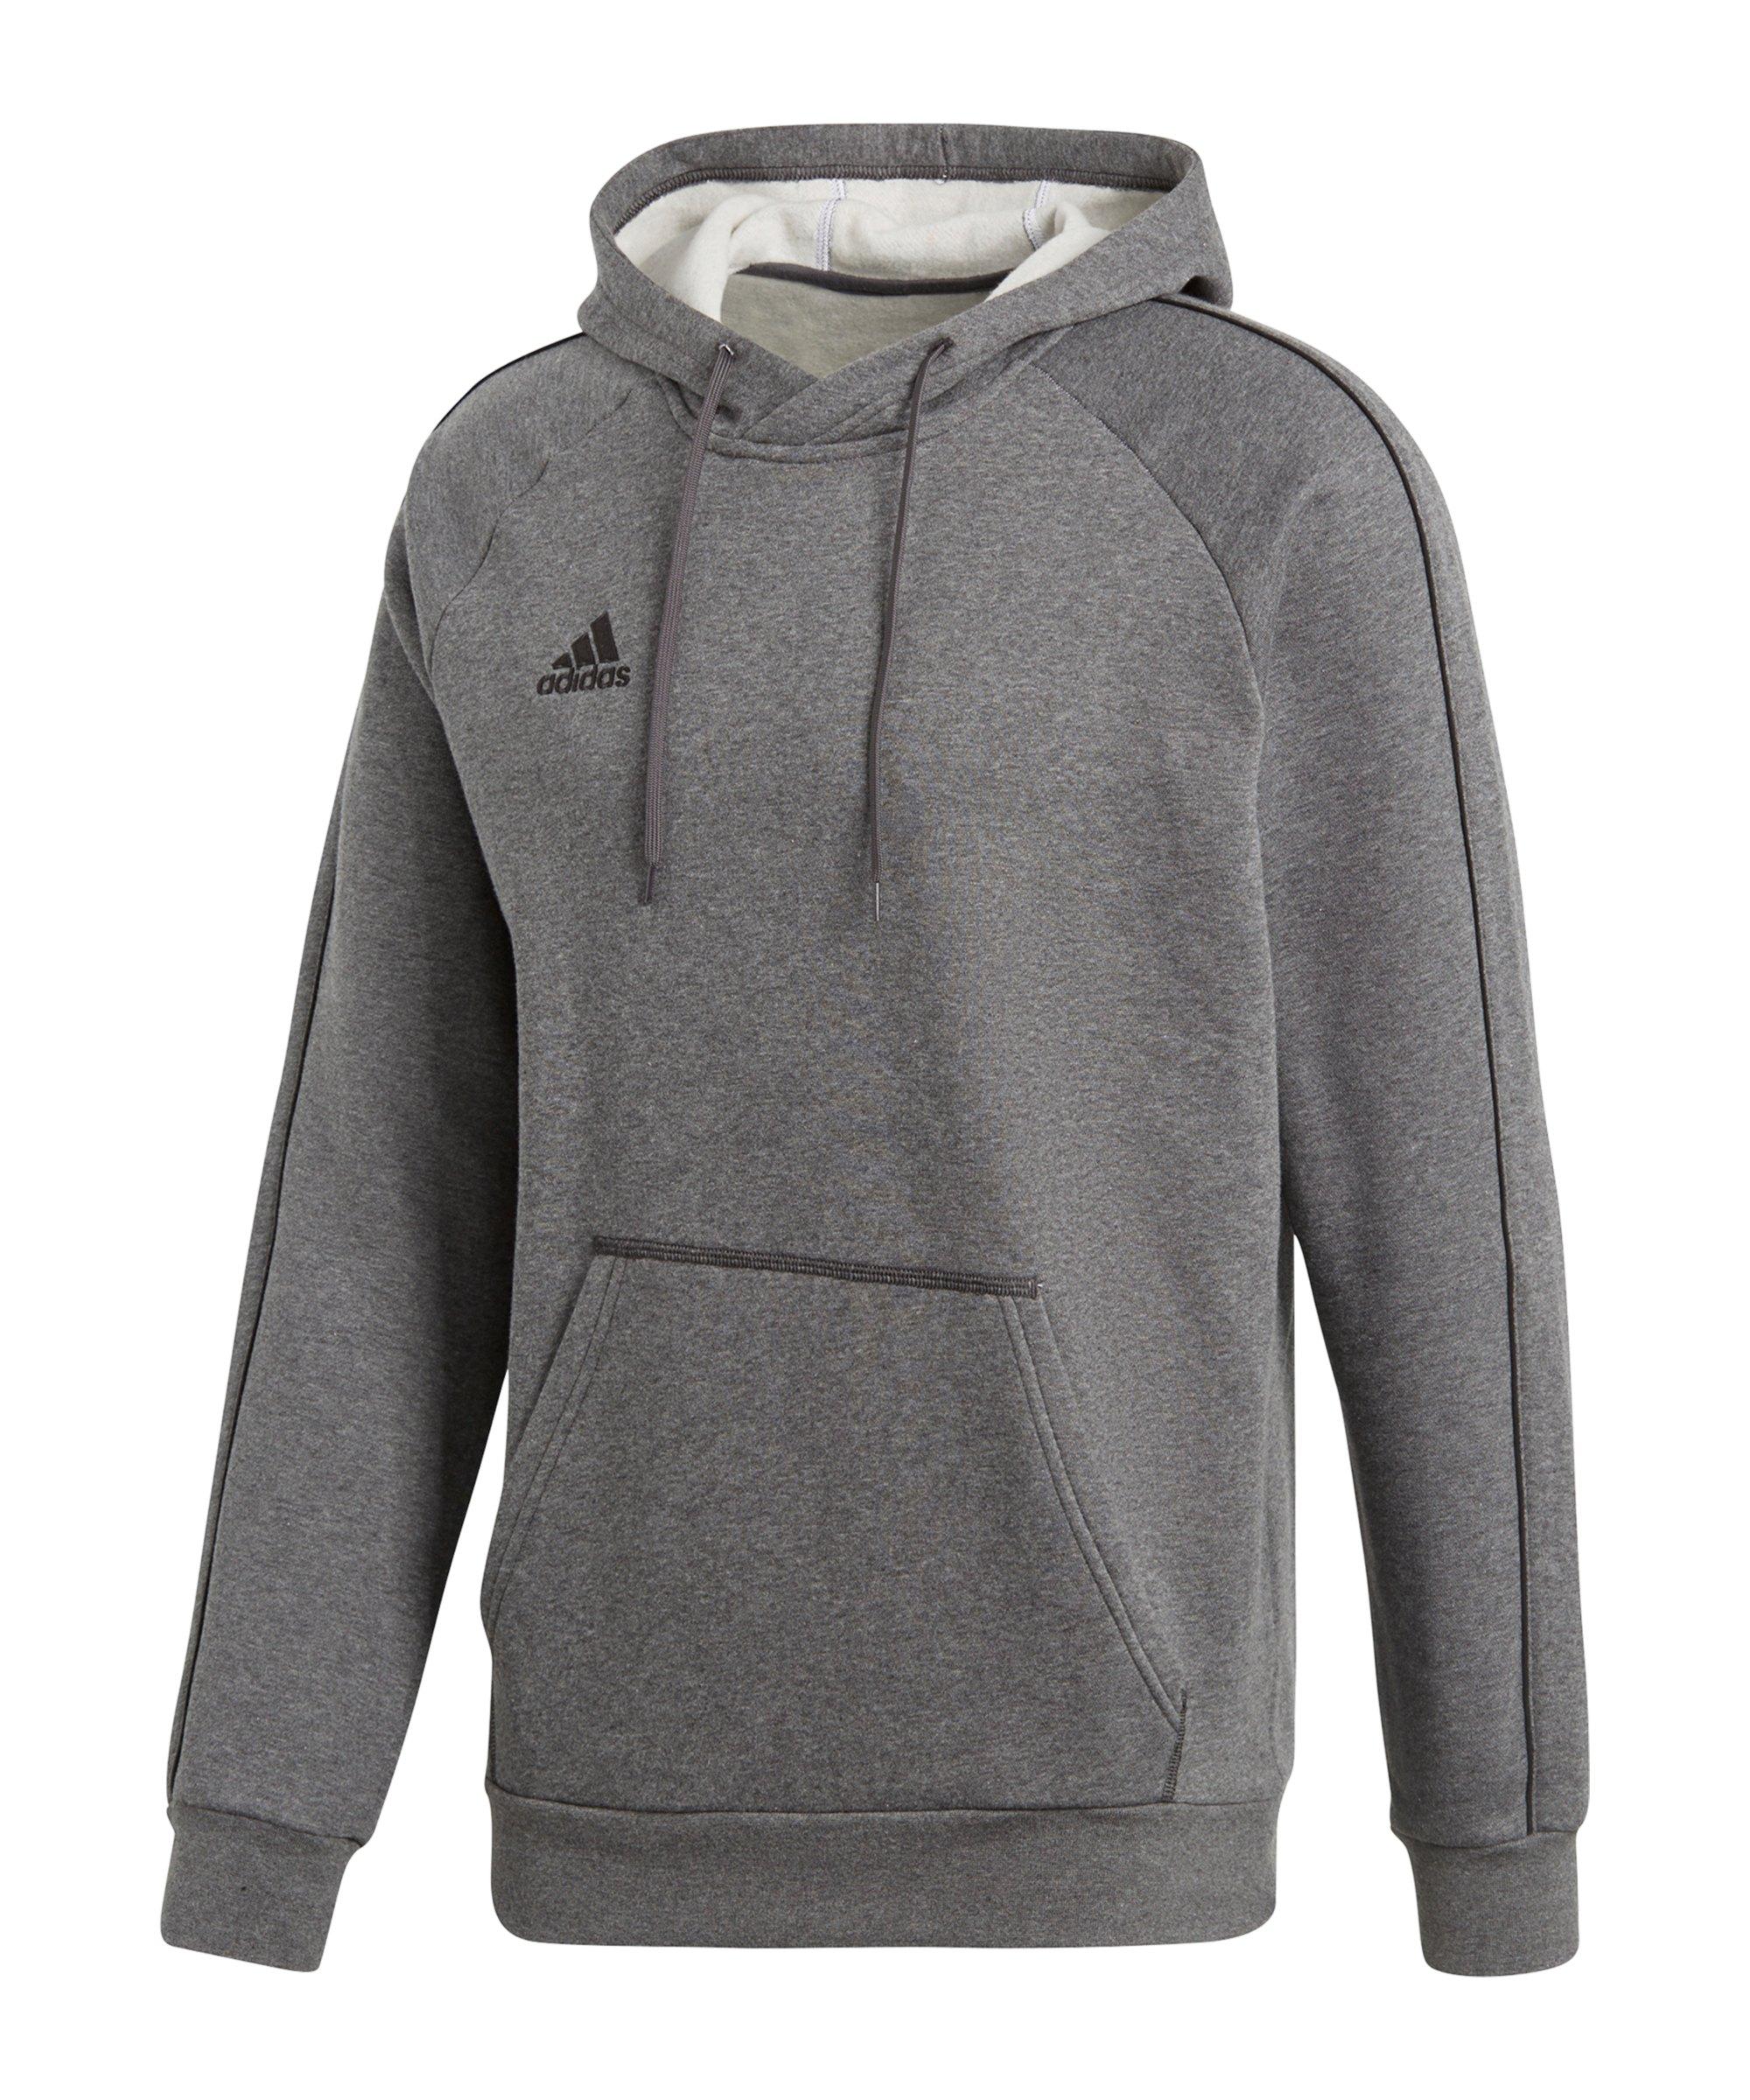 adidas Core 18 Hoody Kapuzensweatshirt Grau - grau